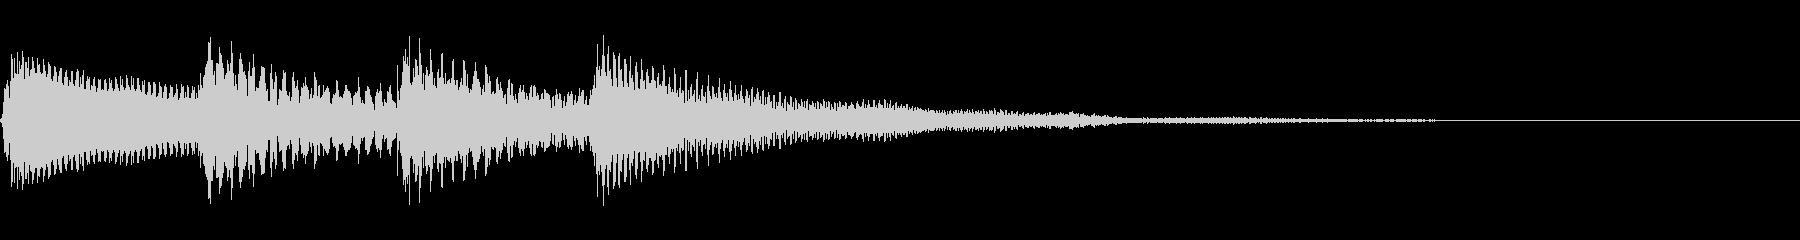 アナウンス/場内放送/館内放送/呼び出しの未再生の波形